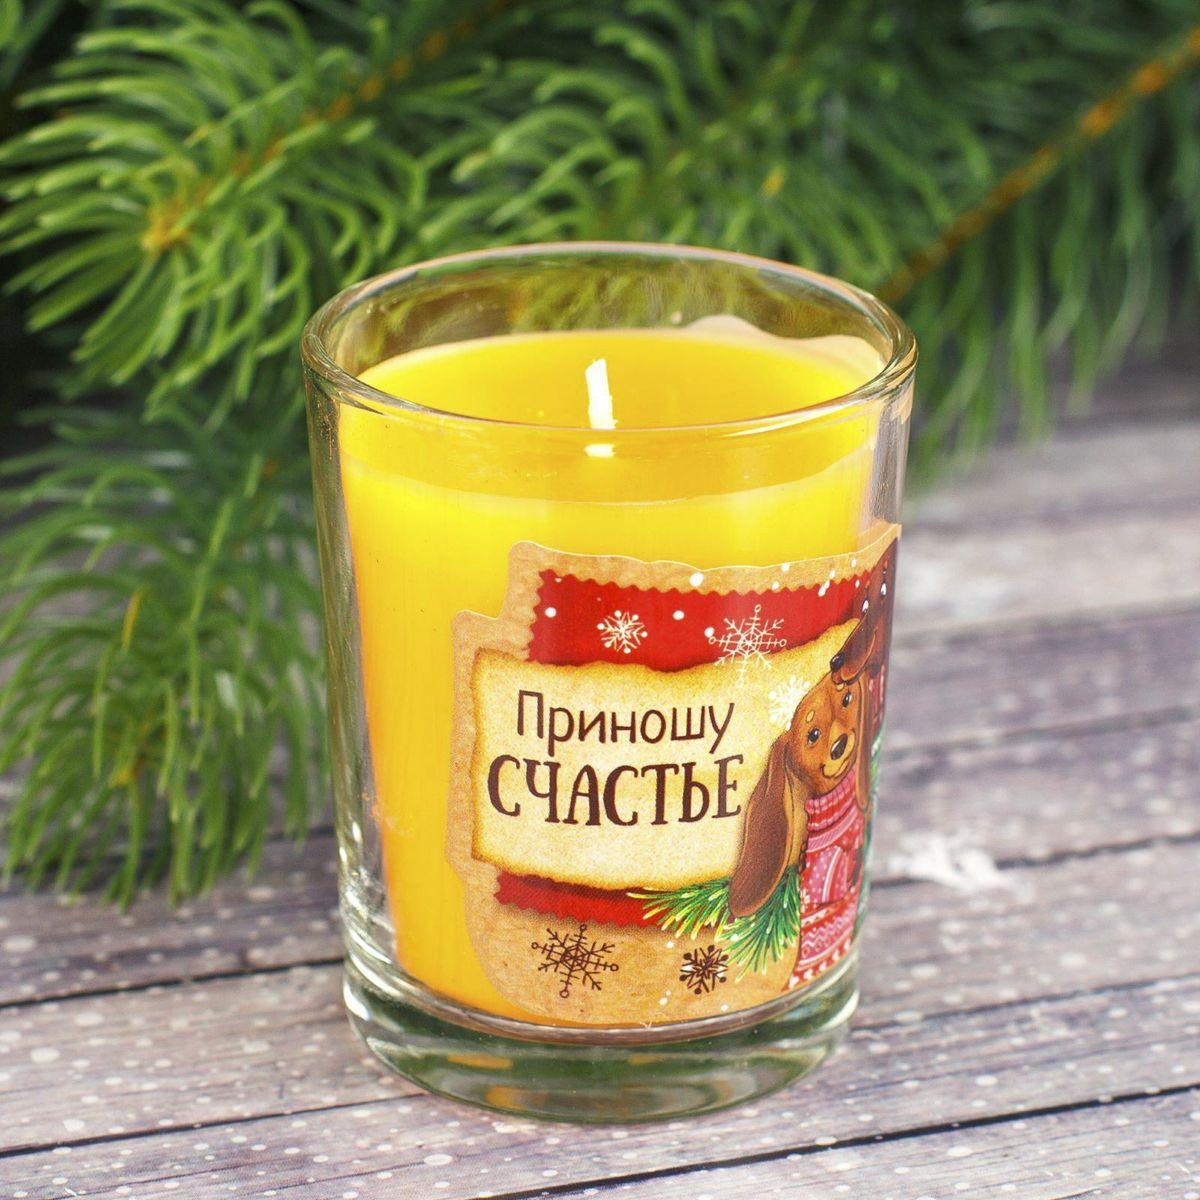 Свеча ароматизированная Sima-land Приношу счастье, цвет: желтый, высота 6,5 см2085Какой новогодний стол без свечей? Вместе с мандаринами, шампанским и еловыми ветвями они создадут сказочную атмосферу, а их притягательное пламя подарит ощущение уюта и тепла. А еще это отличная идея для подарка! Свеча ароматизированная в стакане Sima-land оградит от невзгод и поможет во всех начинаниях в будущем году. Каждому хозяину периодически приходит мысль обновить свою квартиру, сделать ремонт, перестановку или кардинально поменять внешний вид каждой комнаты. Свеча ароматизированная в стакане Sima-land - привлекательная деталь, которая поможет воплотить вашу интерьерную идею, создать неповторимую атмосферу в вашем доме. Окружите себя приятными мелочами, пусть они радуют глаз и дарят гармонию. Ароматизированная свеча Sima-land - символ Нового года. Она несет в себе волшебство и красоту праздника. Такое украшение создаст в вашем доме атмосферу праздника, веселья и радости.